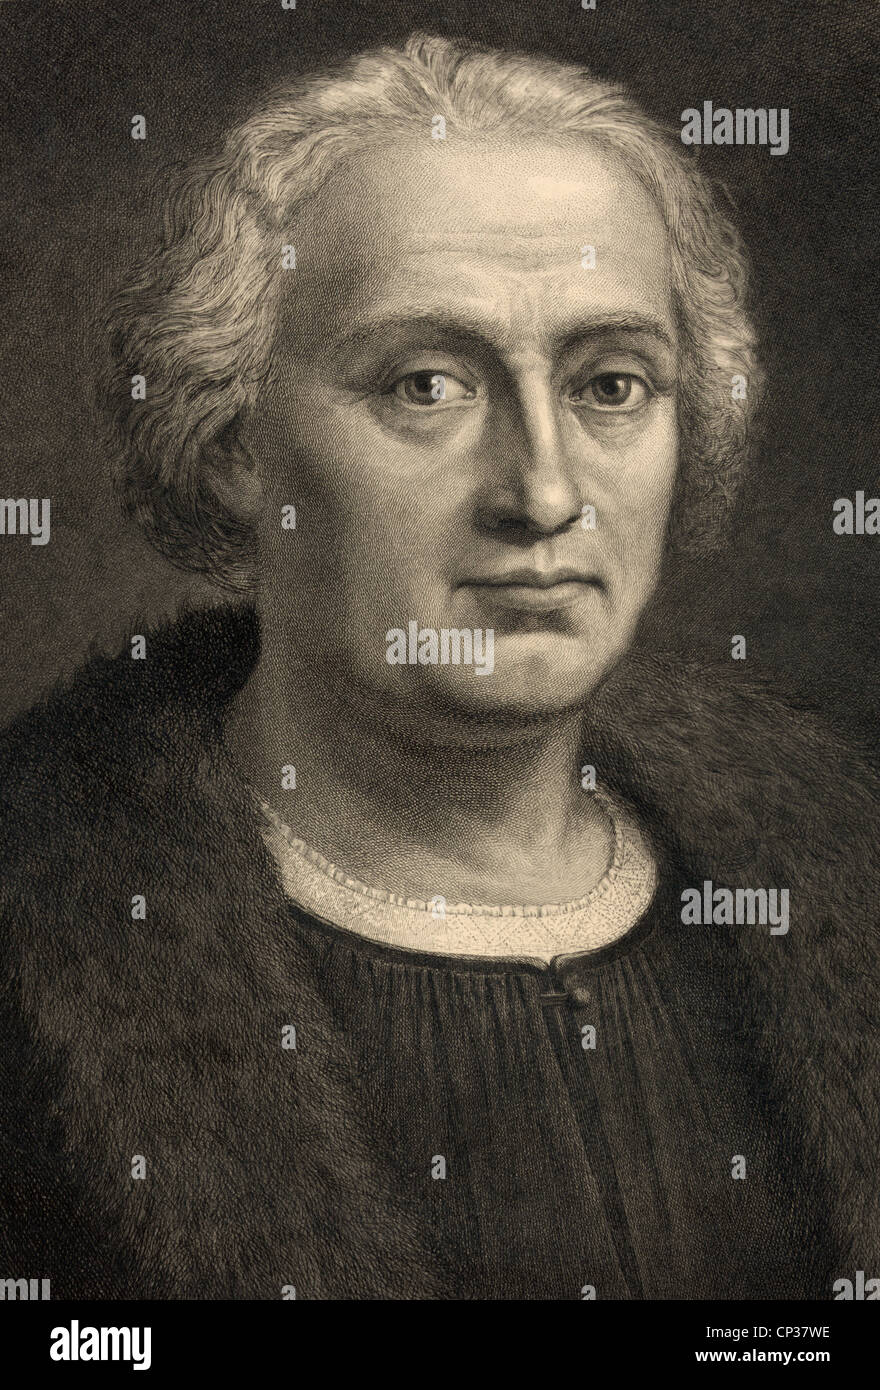 Christophe Colomb 1451-1506. Né Italien Espagnol financé explorer découvreur de l'Amérique. Banque D'Images